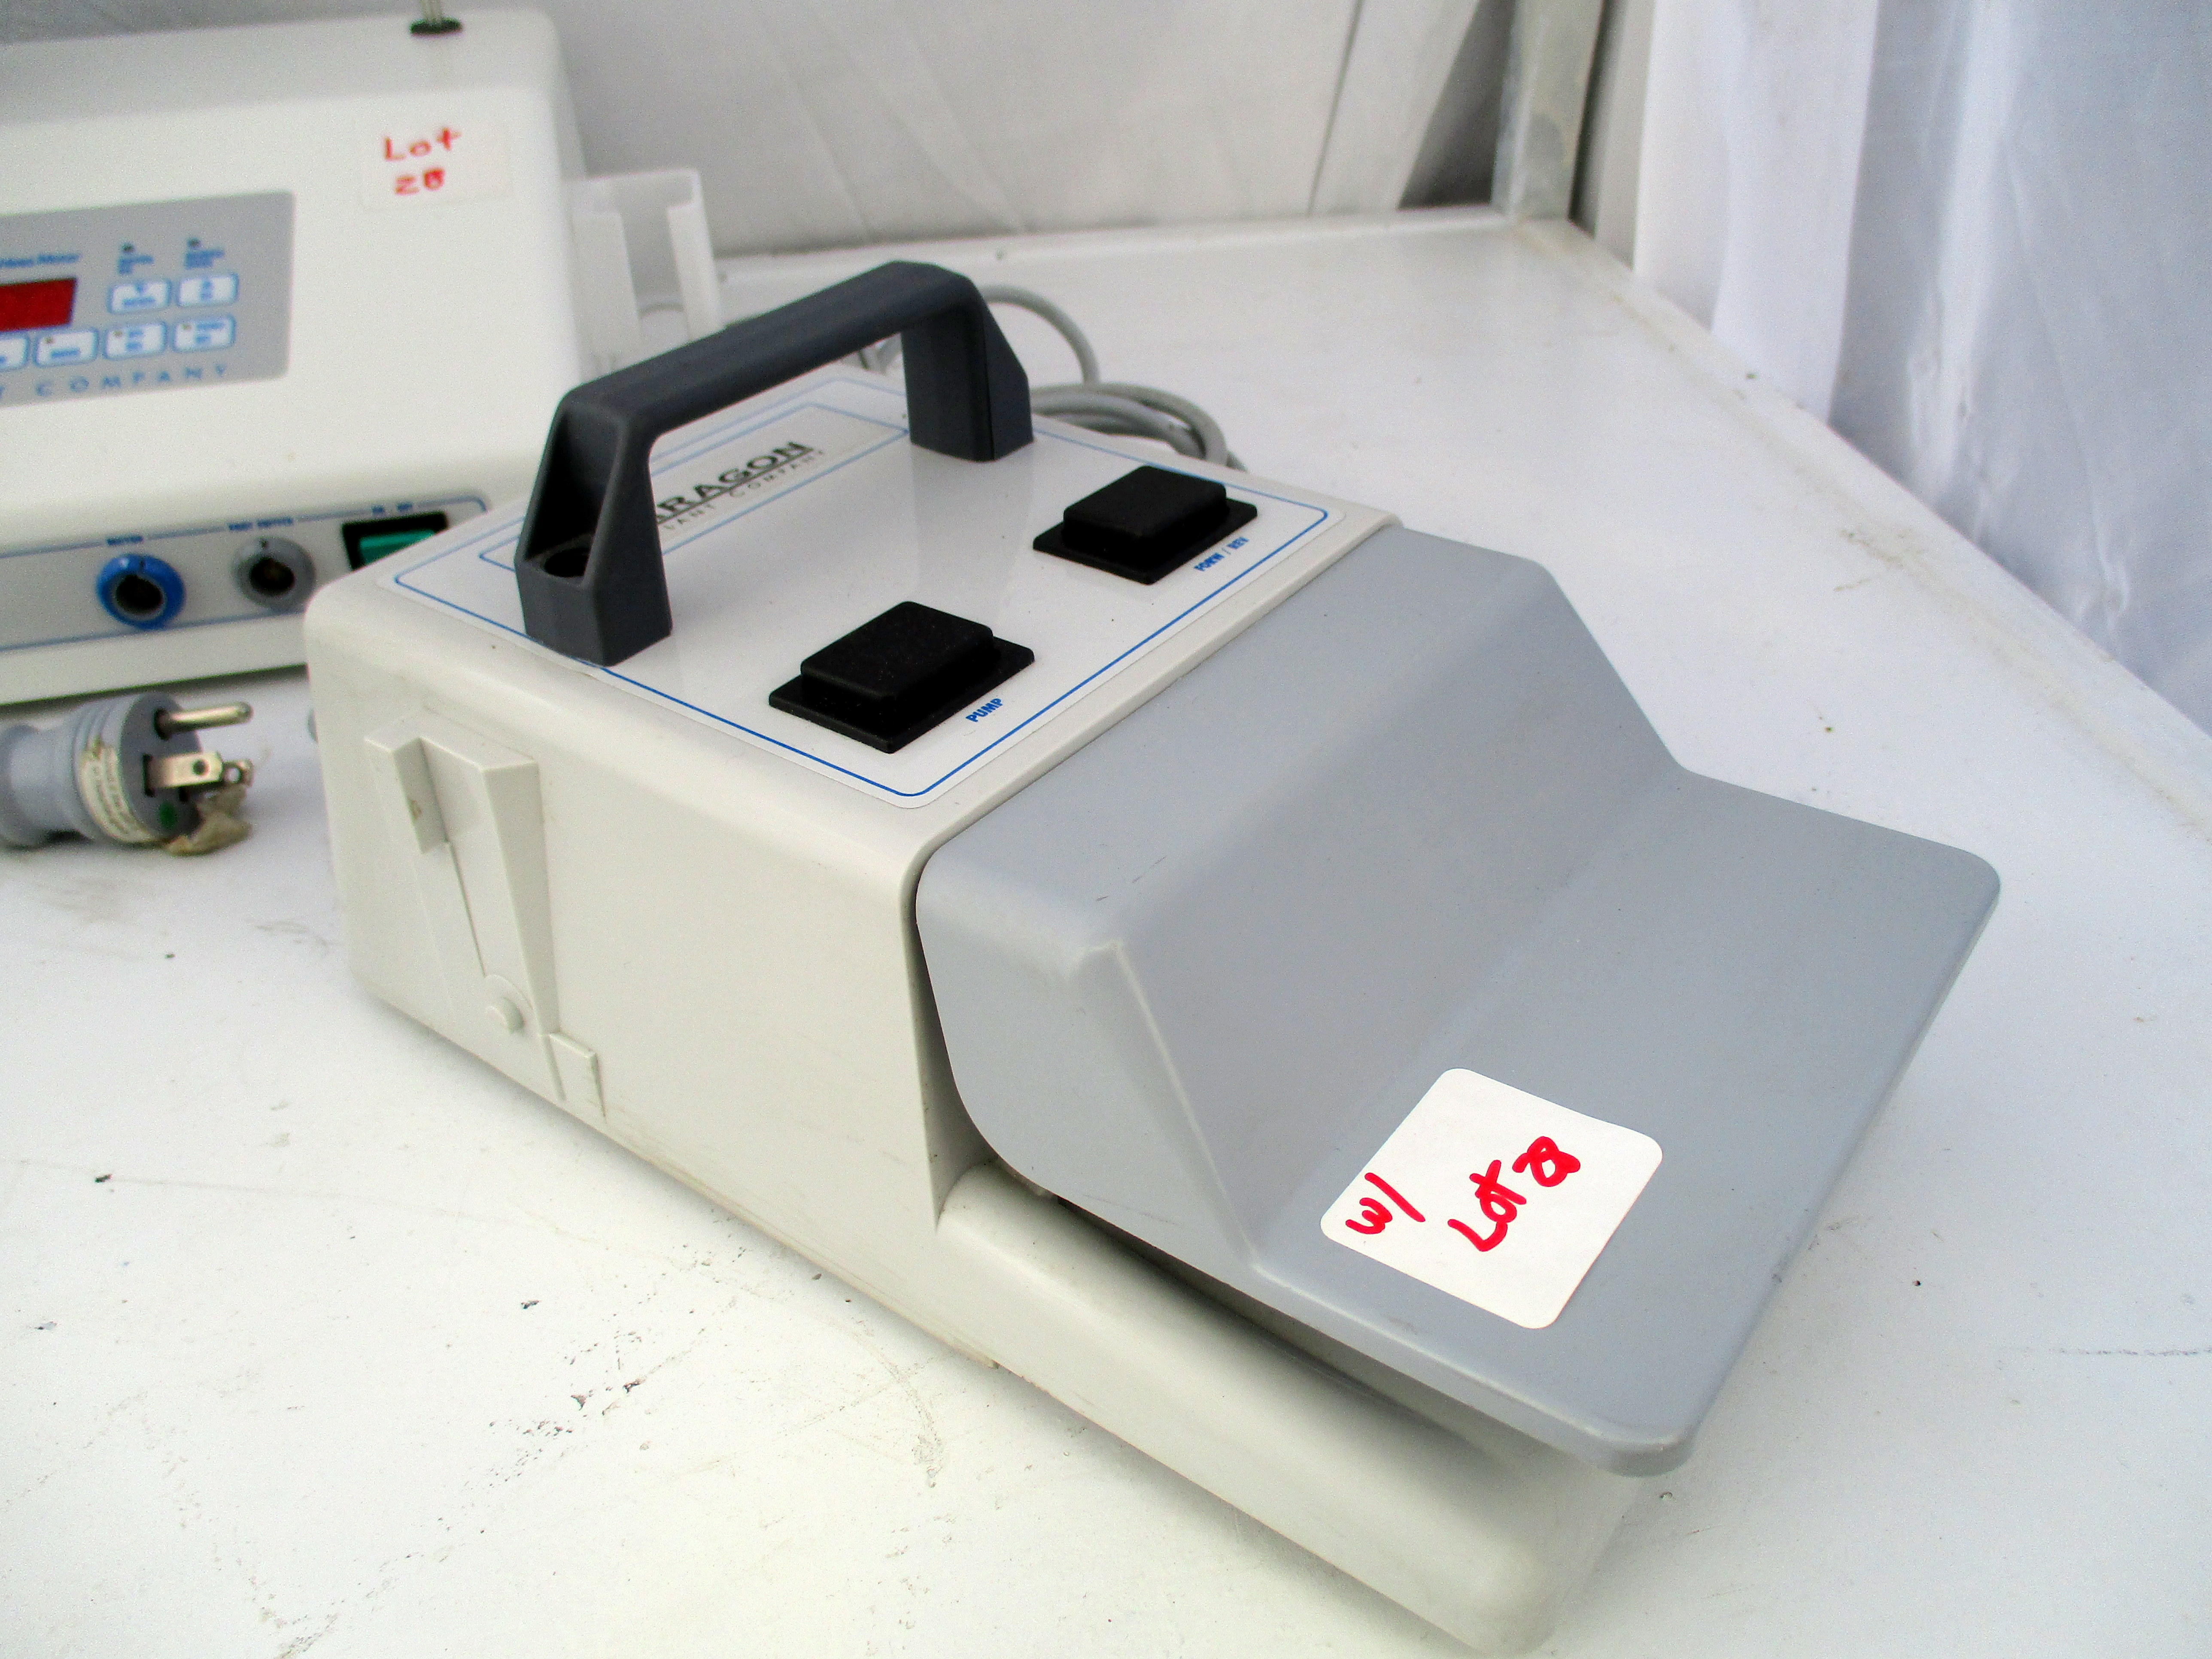 Lot 28 - Paragon Implant Company CBM Dental Endo Control Console & Motor System